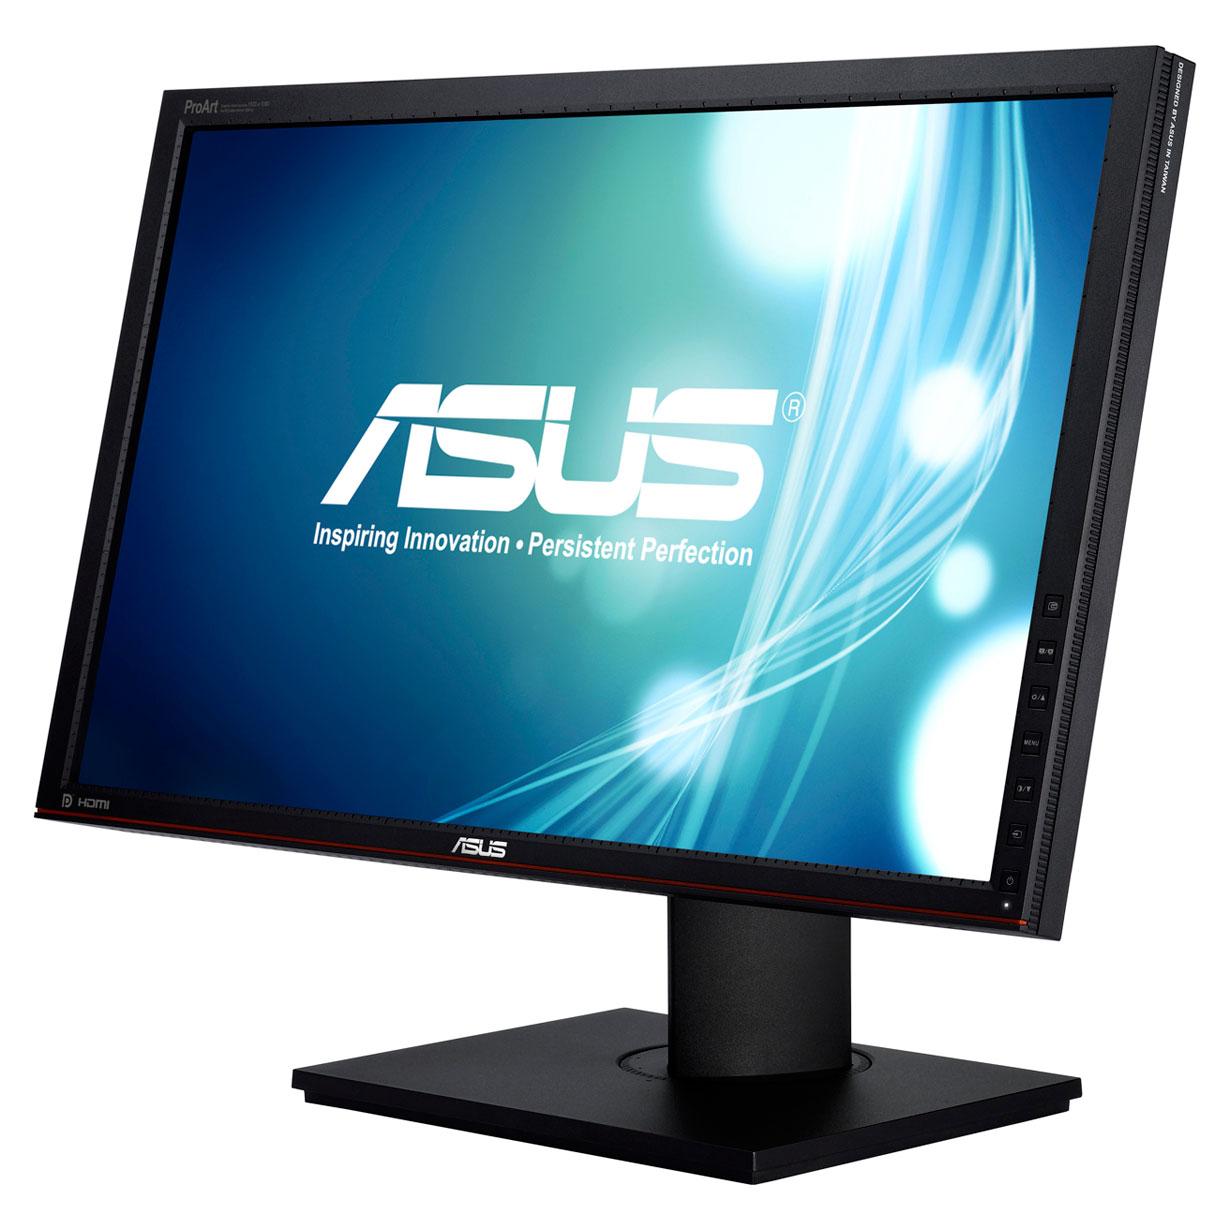 """Ecran PC ASUS 23"""" LED - PA238Q 1920 x 1080 pixels - 6 ms (gris à gris) - Format large 16/9 - Dalle IPS - Pivot - Hub USB - HDMI v1.3 (garantie constructeur 3 ans)"""